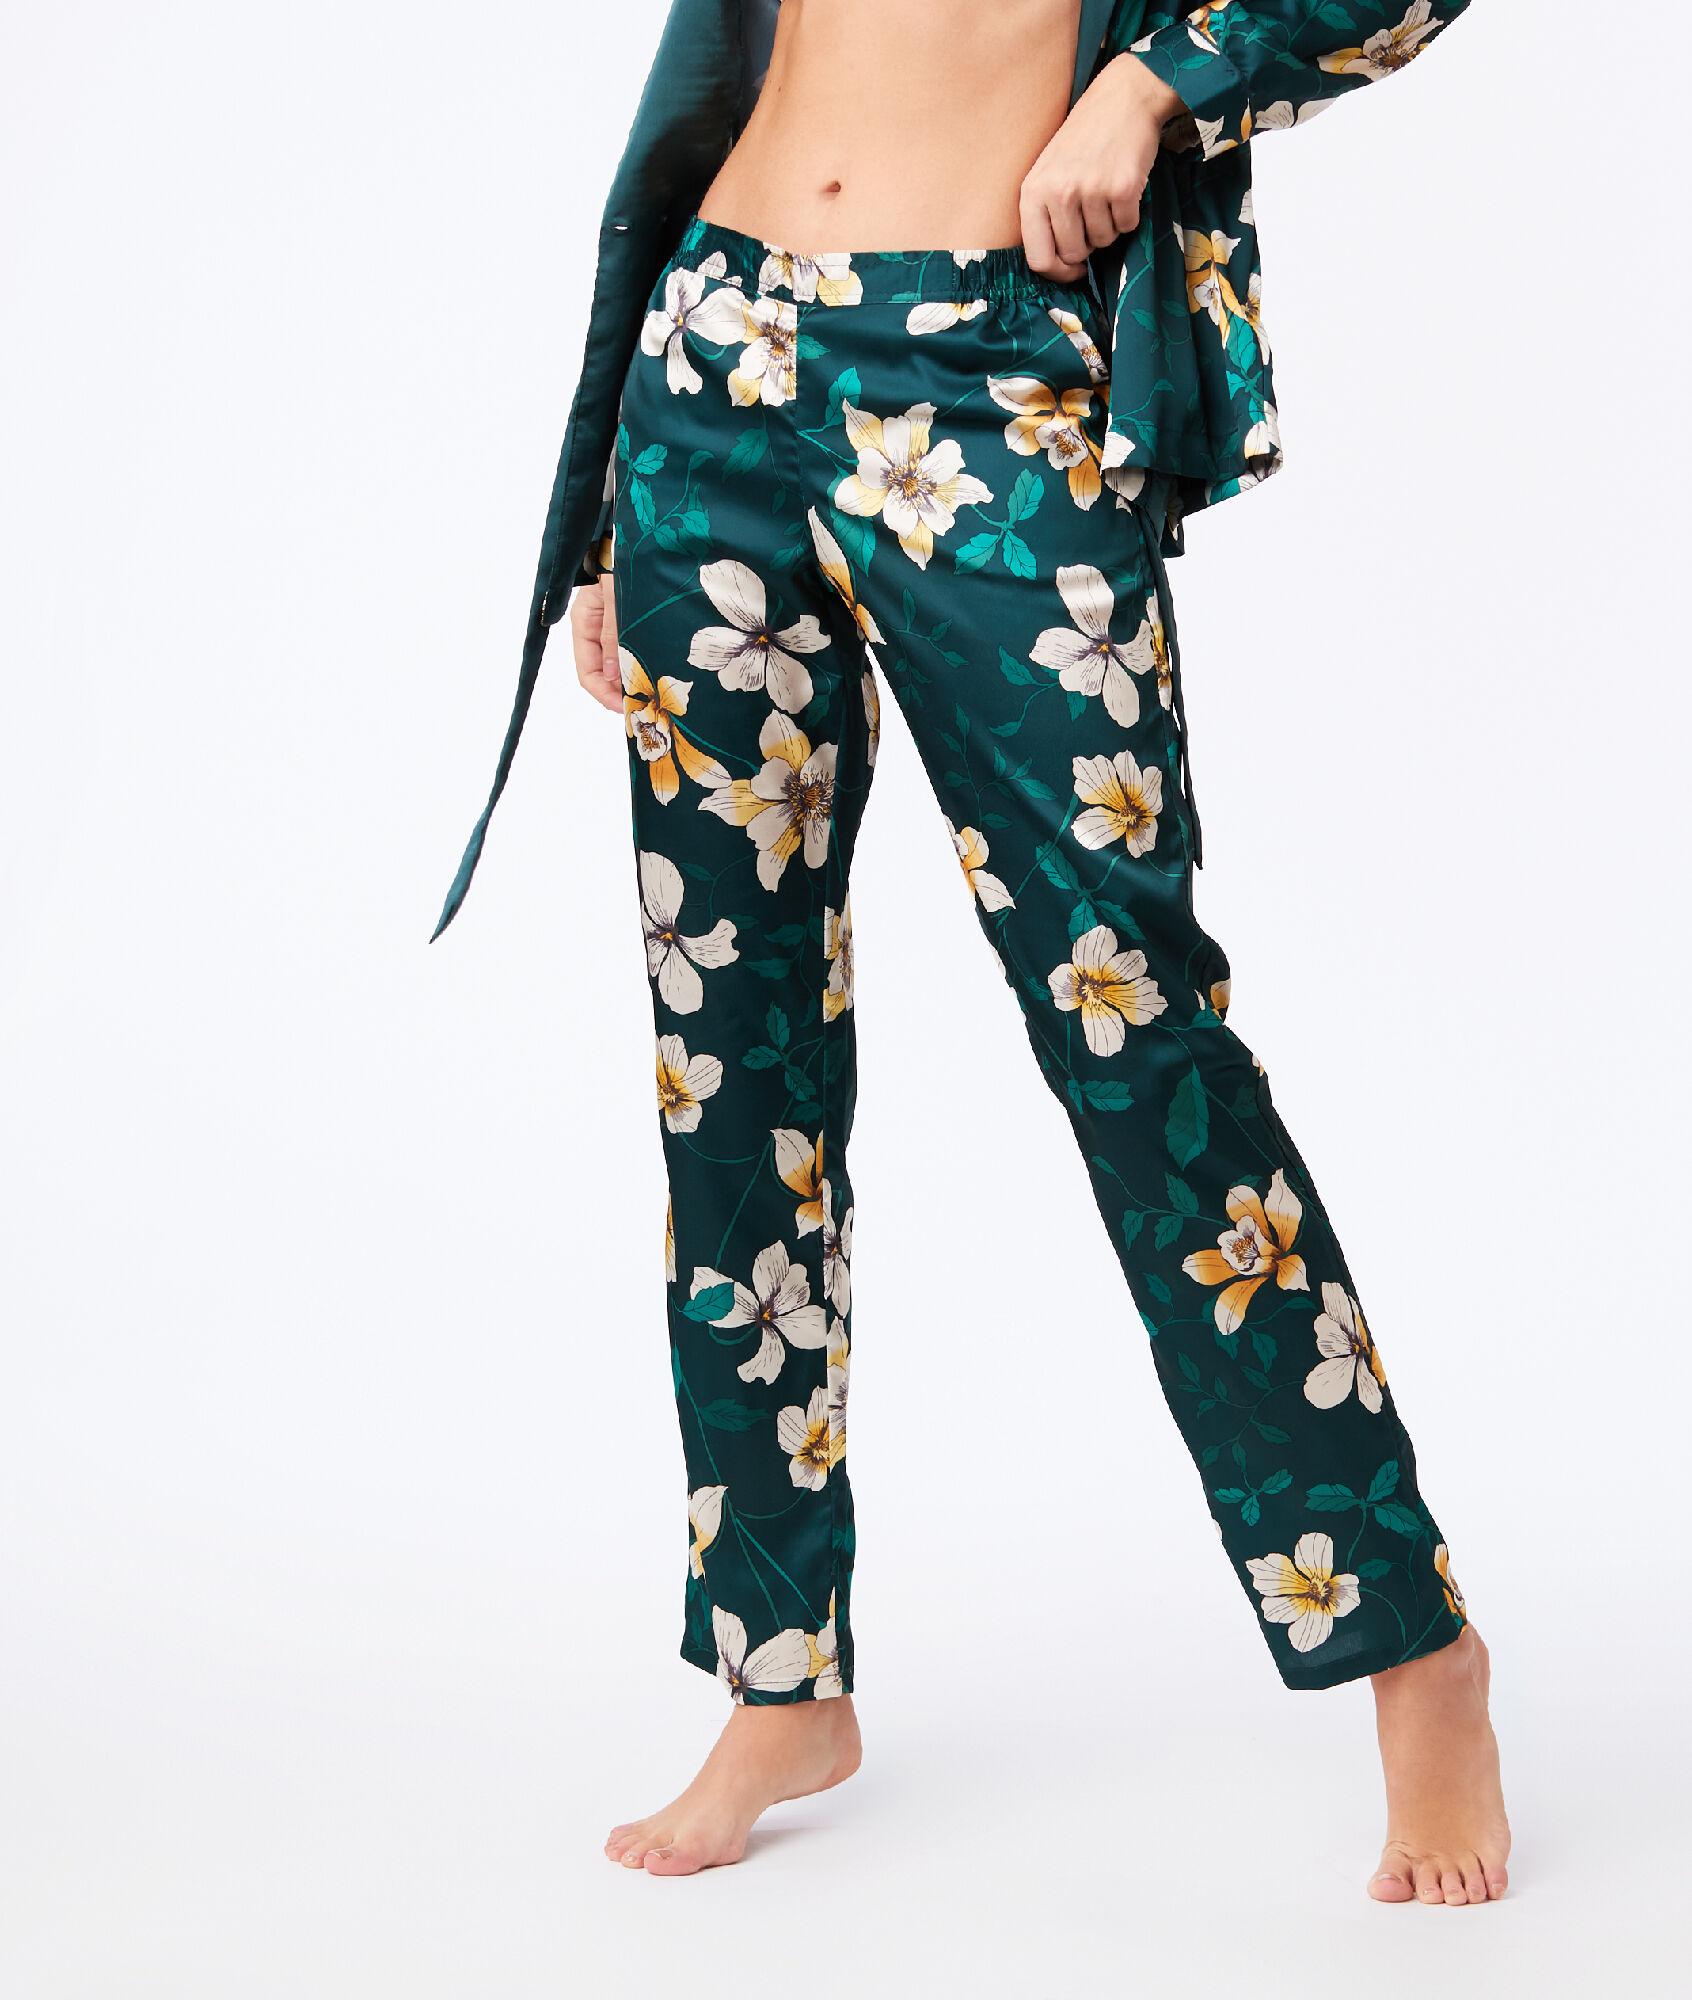 56fbcb5e02d78b Spodnie z szerokimi nogawkami w roślinny deseń - GWENDA - VERT - Etam